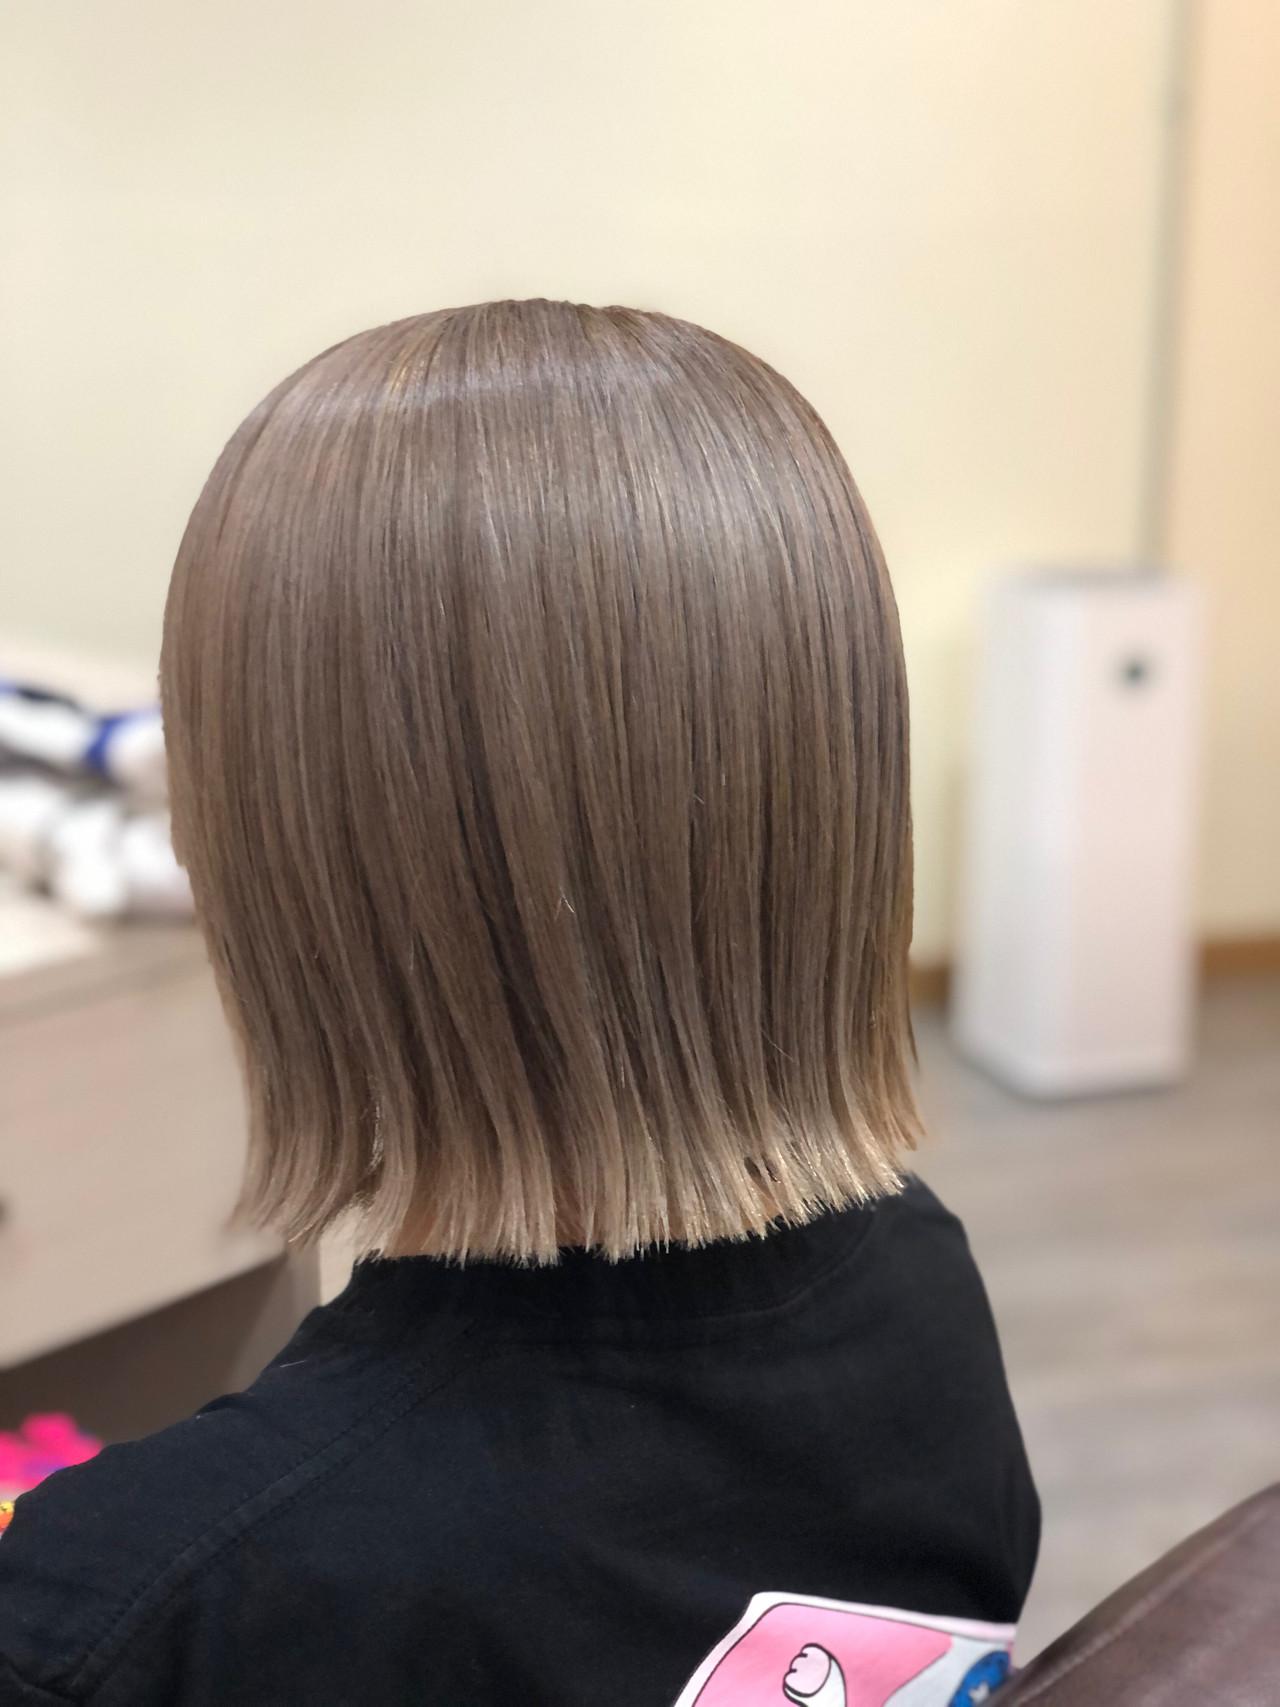 ミディアム ガーリー ブリーチ必須 ブリーチオンカラー ヘアスタイルや髪型の写真・画像   Kyoko / hair salon